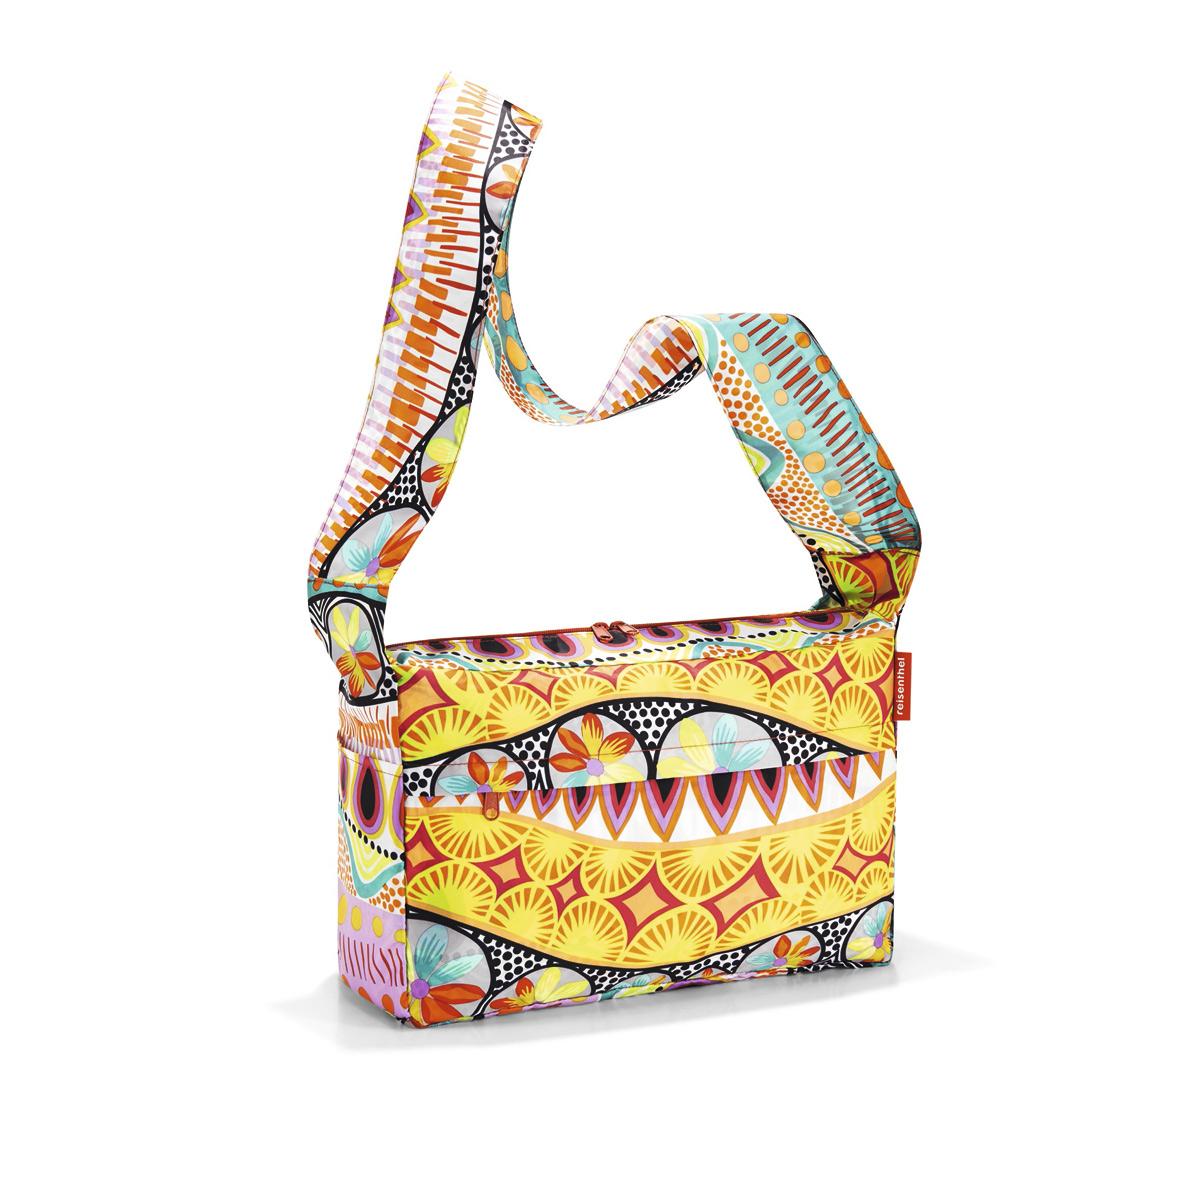 Сумка женская Reisenthel, складная, цвет: желтый, мультиколор. AL2020S76245Стильная женская сумка Reisenthel изготовлена из текстиля с оригинальным принтом. Сумка имеет одно отделение, которое закрывается на застежку-молнию с двумя бегунками. Внутри имеется нашивной карман на застежке-молнии, в который сумка складывается и приобретает компактный вид. Снаружи, на передней стенке расположен накладной карман на застежке-молнии. По бокам расположены открытые накладные карманы. Изделие оснащено удобным наплечным ремнем.